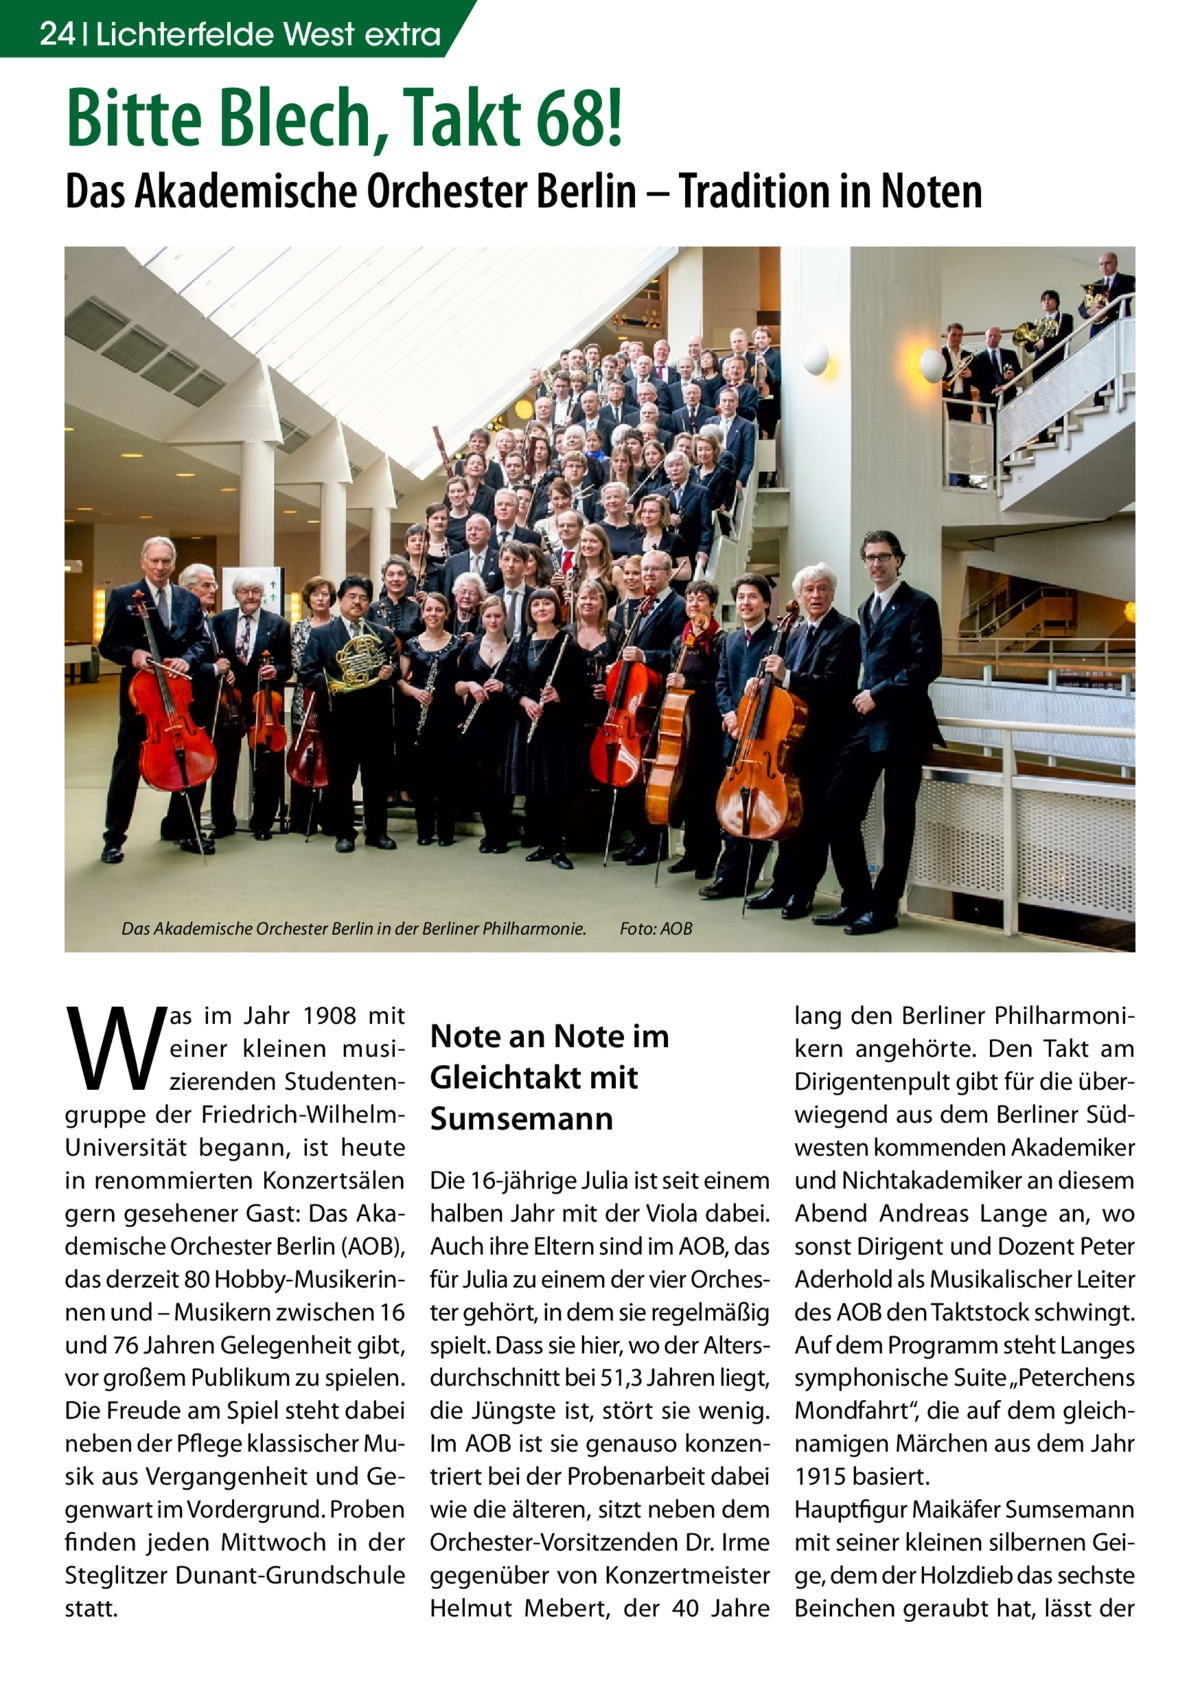 """24 Lichterfelde West extra  Bitte Blech, Takt 68!  Das Akademische Orchester Berlin – Tradition in Noten  Das Akademische Orchester Berlin in der Berliner Philharmonie. �  W  as im Jahr 1908 mit einer kleinen musizierenden Studentengruppe der Friedrich-WilhelmUniversität begann, ist heute in renommierten Konzertsälen gern gesehener Gast: Das Akademische Orchester Berlin (AOB), das derzeit 80 Hobby-Musikerinnen und – Musikern zwischen 16 und 76Jahren Gelegenheit gibt, vor großem Publikum zu spielen. Die Freude am Spiel steht dabei neben der Pflege klassischer Musik aus Vergangenheit und Gegenwart im Vordergrund. Proben finden jeden Mittwoch in der Steglitzer Dunant-Grundschule statt.  Foto: AOB  Note an Note im Gleichtakt mit Sumsemann Die 16-jährige Julia ist seit einem halben Jahr mit der Viola dabei. Auch ihre Eltern sind im AOB, das für Julia zu einem der vier Orchester gehört, in dem sie regelmäßig spielt. Dass sie hier, wo der Altersdurchschnitt bei 51,3Jahren liegt, die Jüngste ist, stört sie wenig. Im AOB ist sie genauso konzentriert bei der Probenarbeit dabei wie die älteren, sitzt neben dem Orchester-Vorsitzenden Dr. Irme gegenüber von Konzertmeister Helmut Mebert, der 40 Jahre  lang den Berliner Philharmonikern angehörte. Den Takt am Dirigentenpult gibt für die überwiegend aus dem Berliner Südwesten kommenden Akademiker und Nichtakademiker an diesem Abend Andreas Lange an, wo sonst Dirigent und Dozent Peter Aderhold als Musikalischer Leiter des AOB den Taktstock schwingt. Auf dem Programm steht Langes symphonische Suite """"Peterchens Mondfahrt"""", die auf dem gleichnamigen Märchen aus dem Jahr 1915 basiert. Hauptfigur Maikäfer Sumsemann mit seiner kleinen silbernen Geige, dem der Holzdieb das sechste Beinchen geraubt hat, lässt der"""